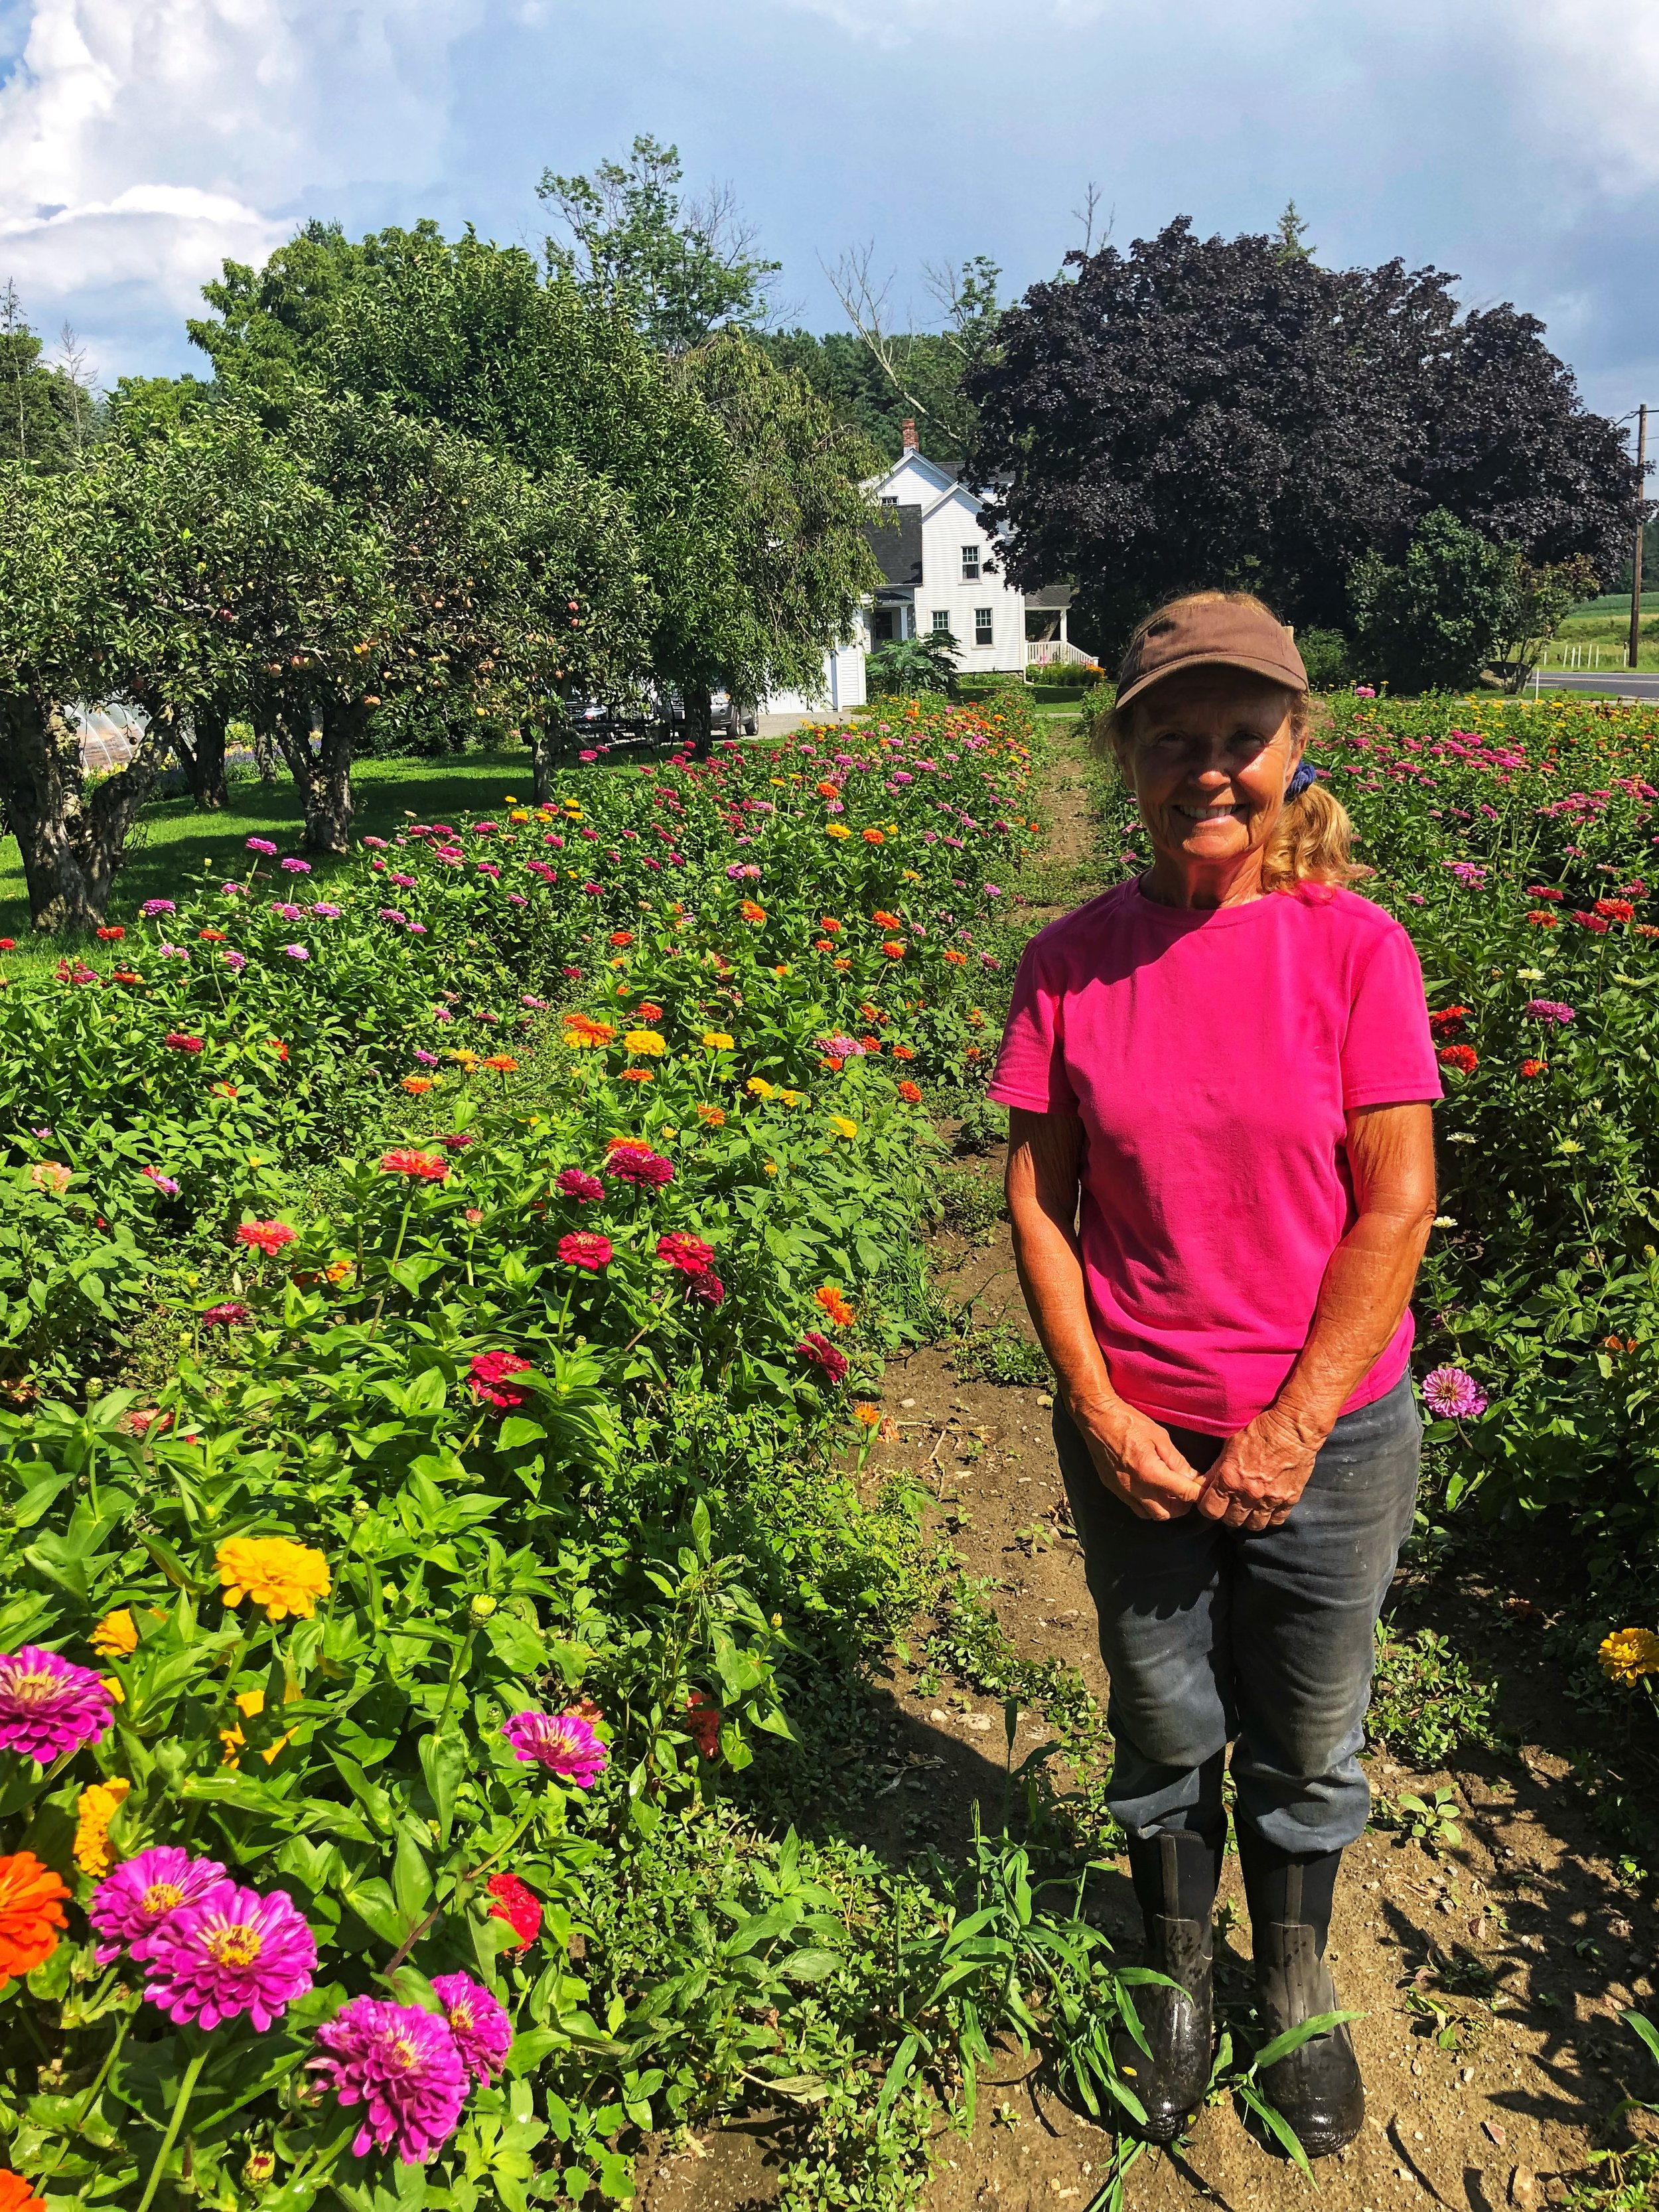 Susan Macone in her field of flowers.